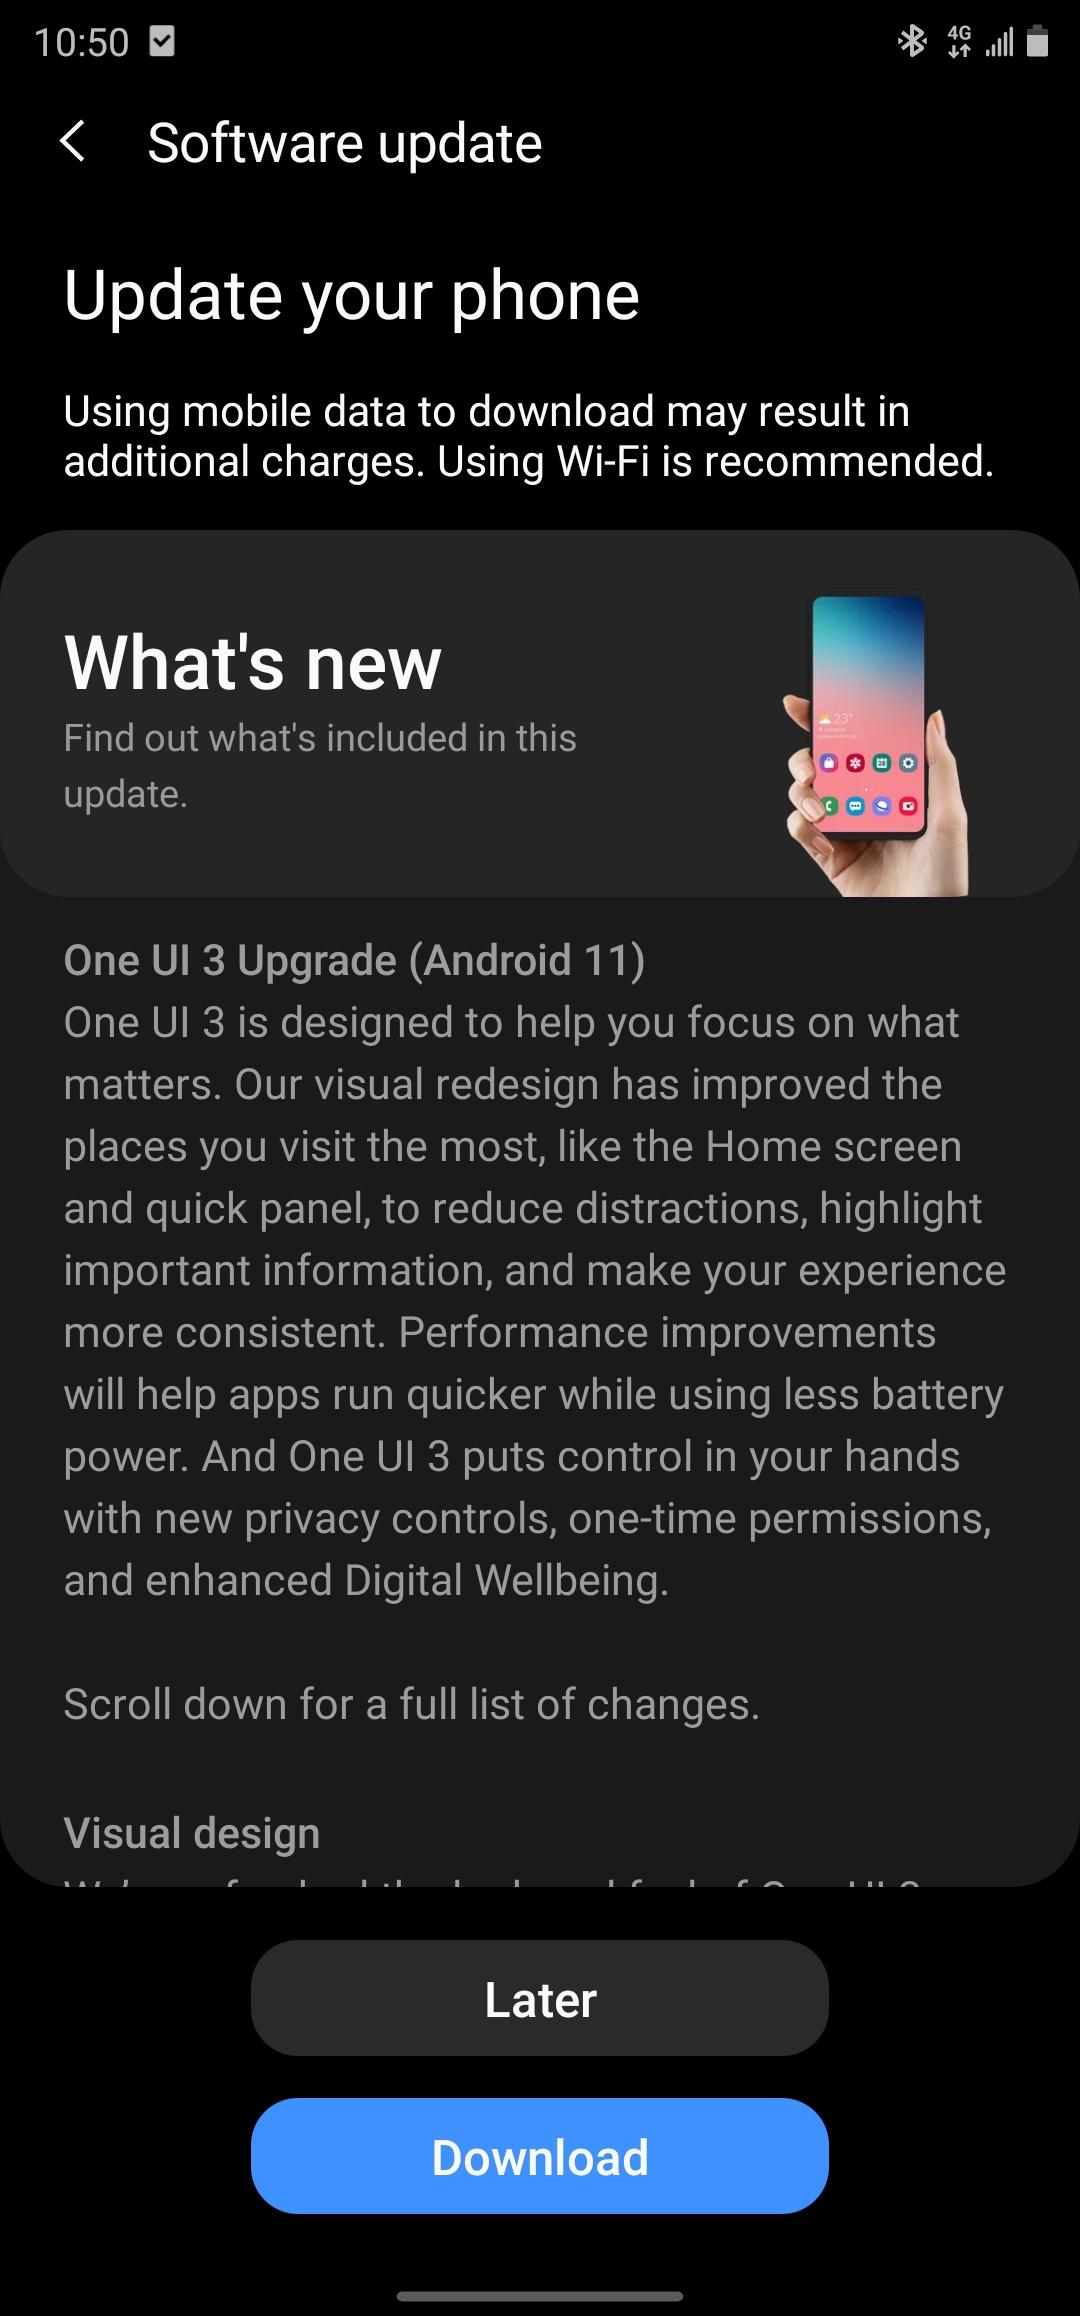 Screenshot_20210204-105048_Software update.jpg